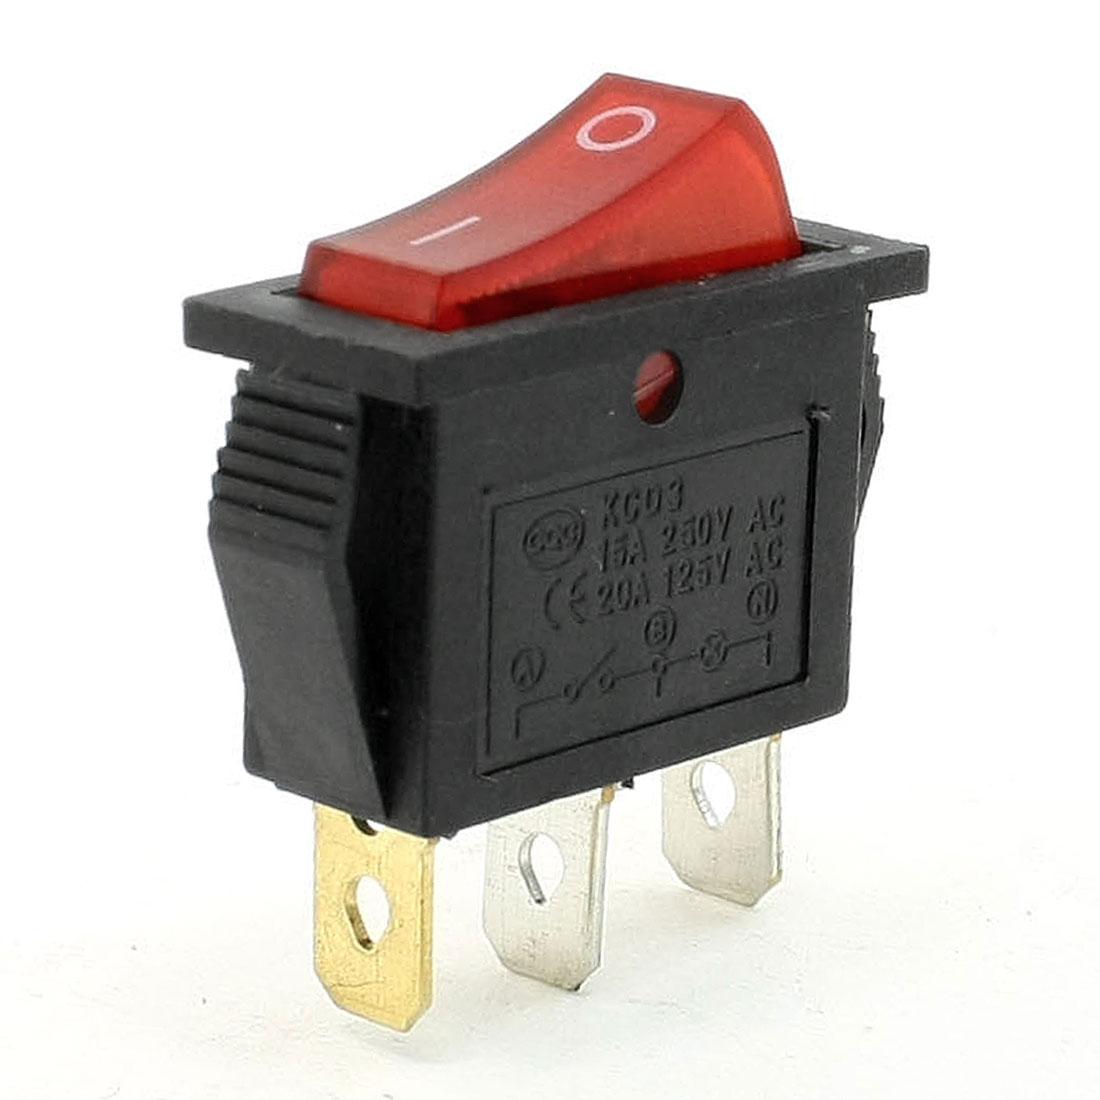 15A 250VAC 20A 125VAC 3 Terminals SPST Red Light Pilot Lamp Rocker Switch